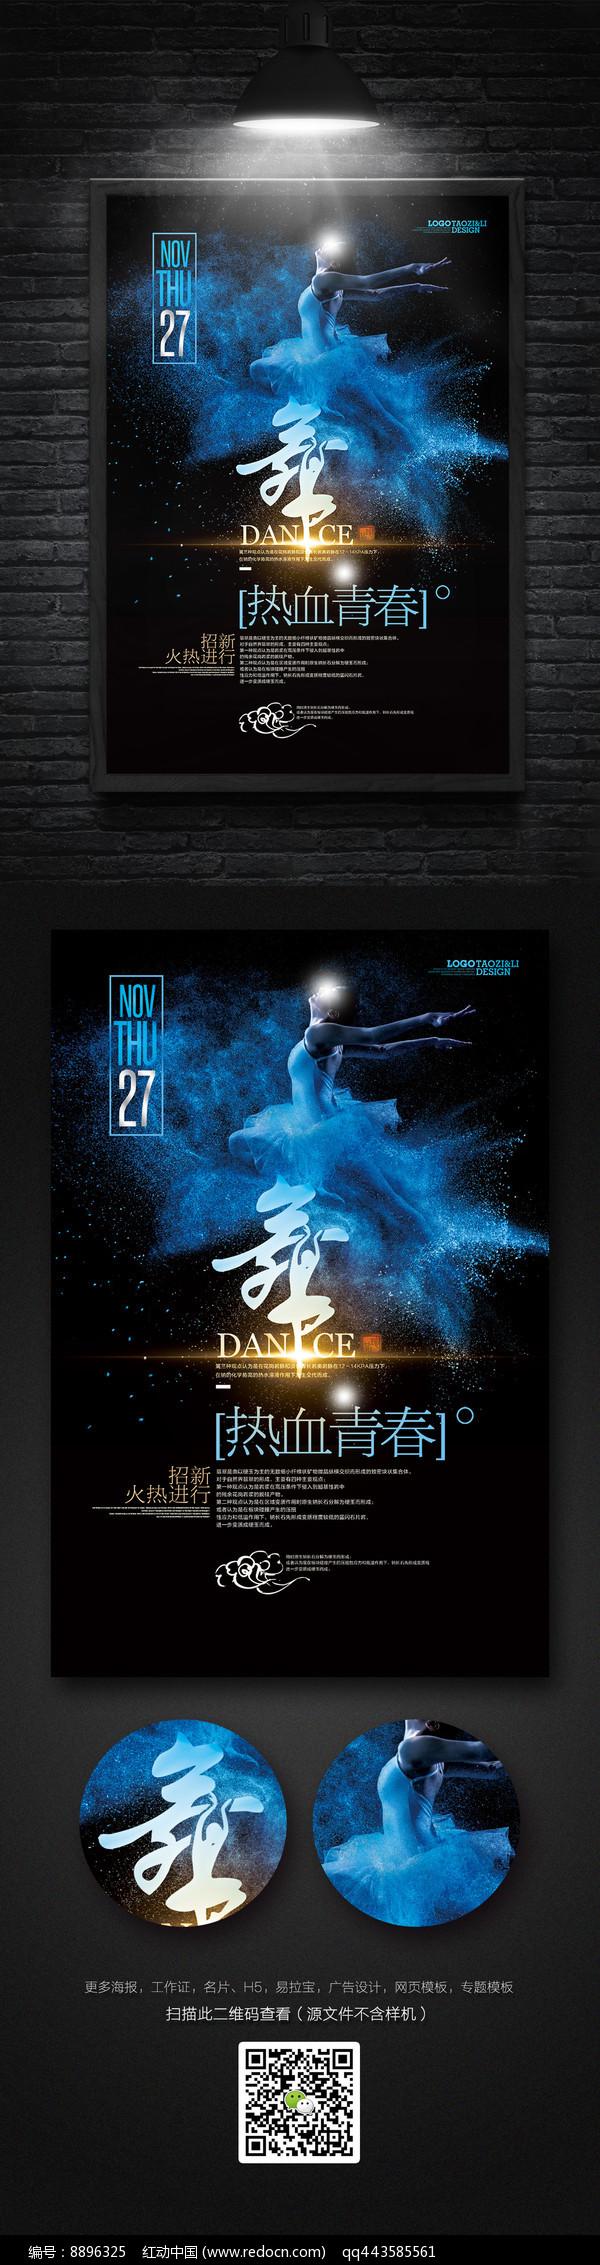 水彩创意舞蹈海报设计